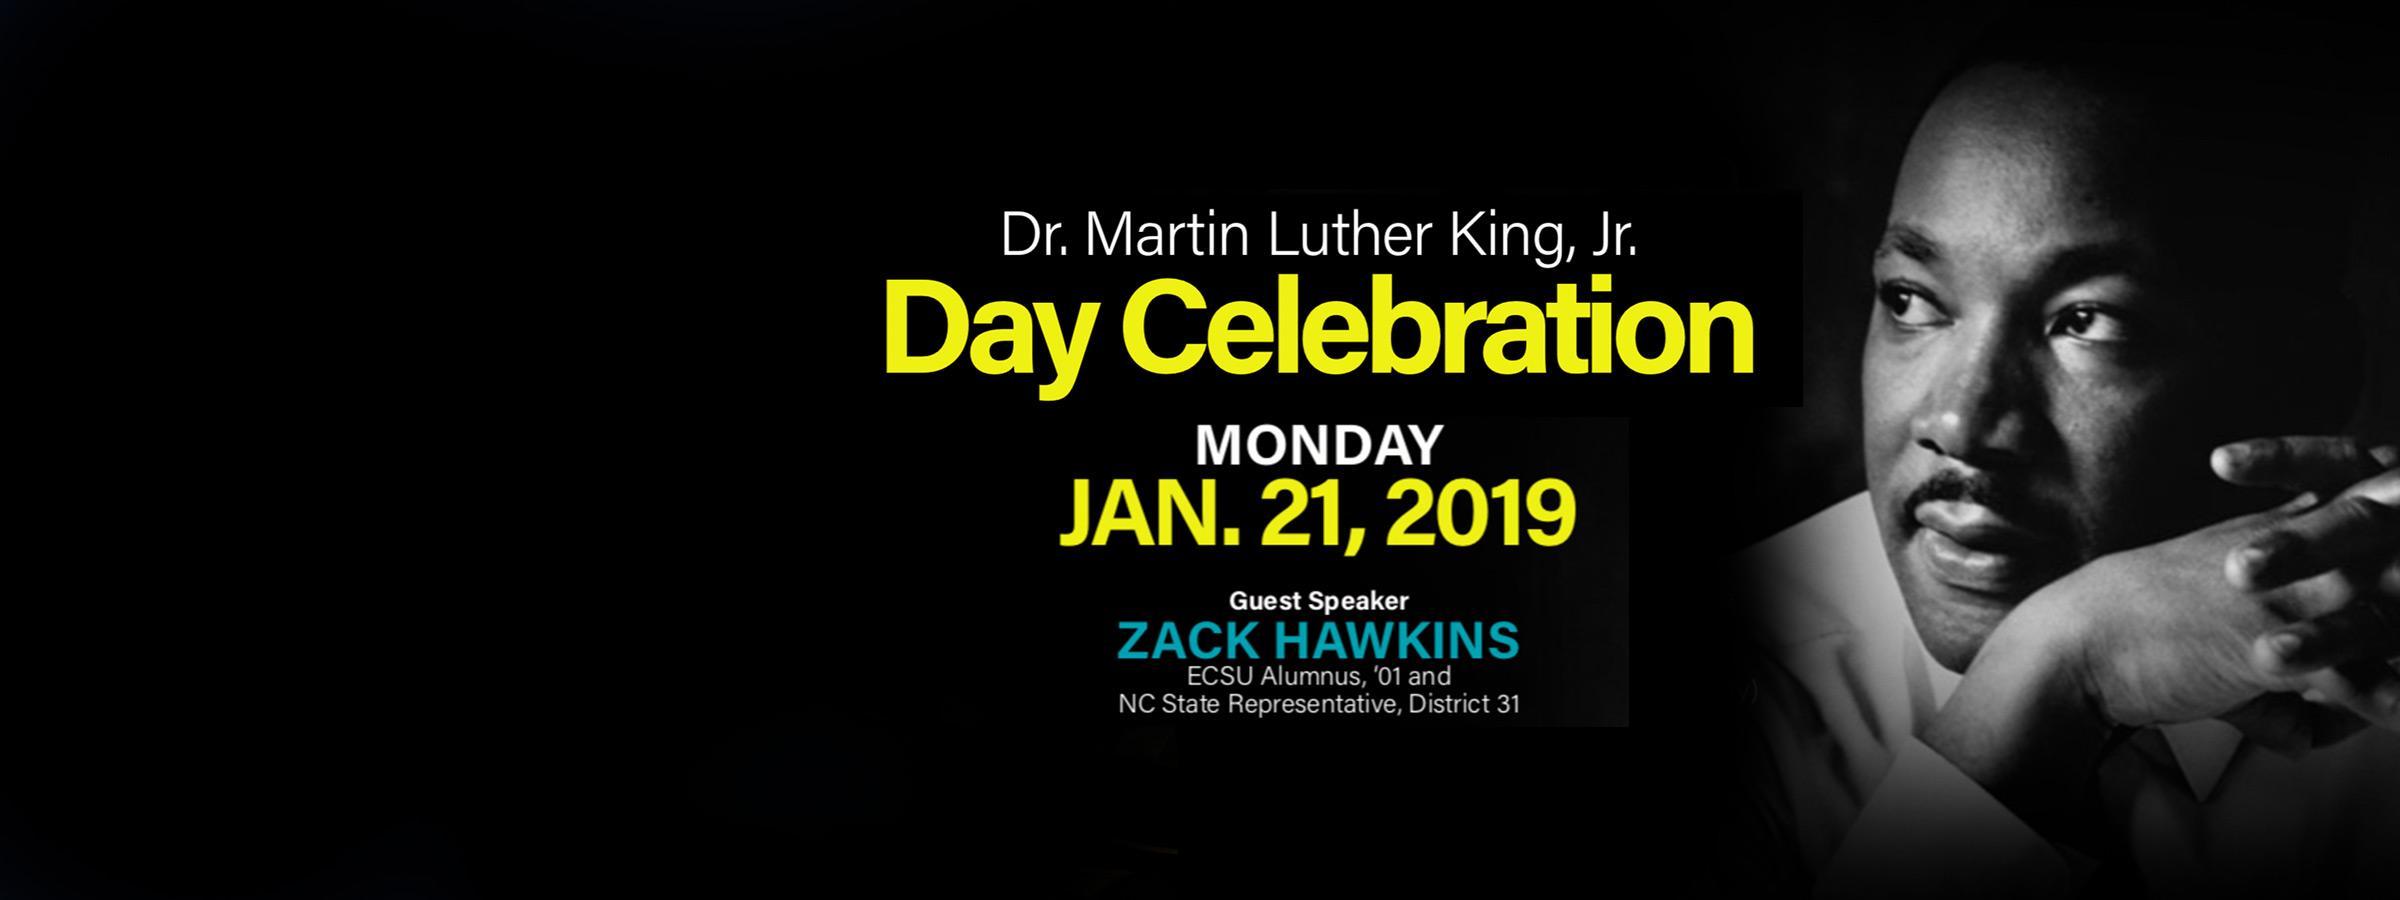 MLK Jr. Day Celebration